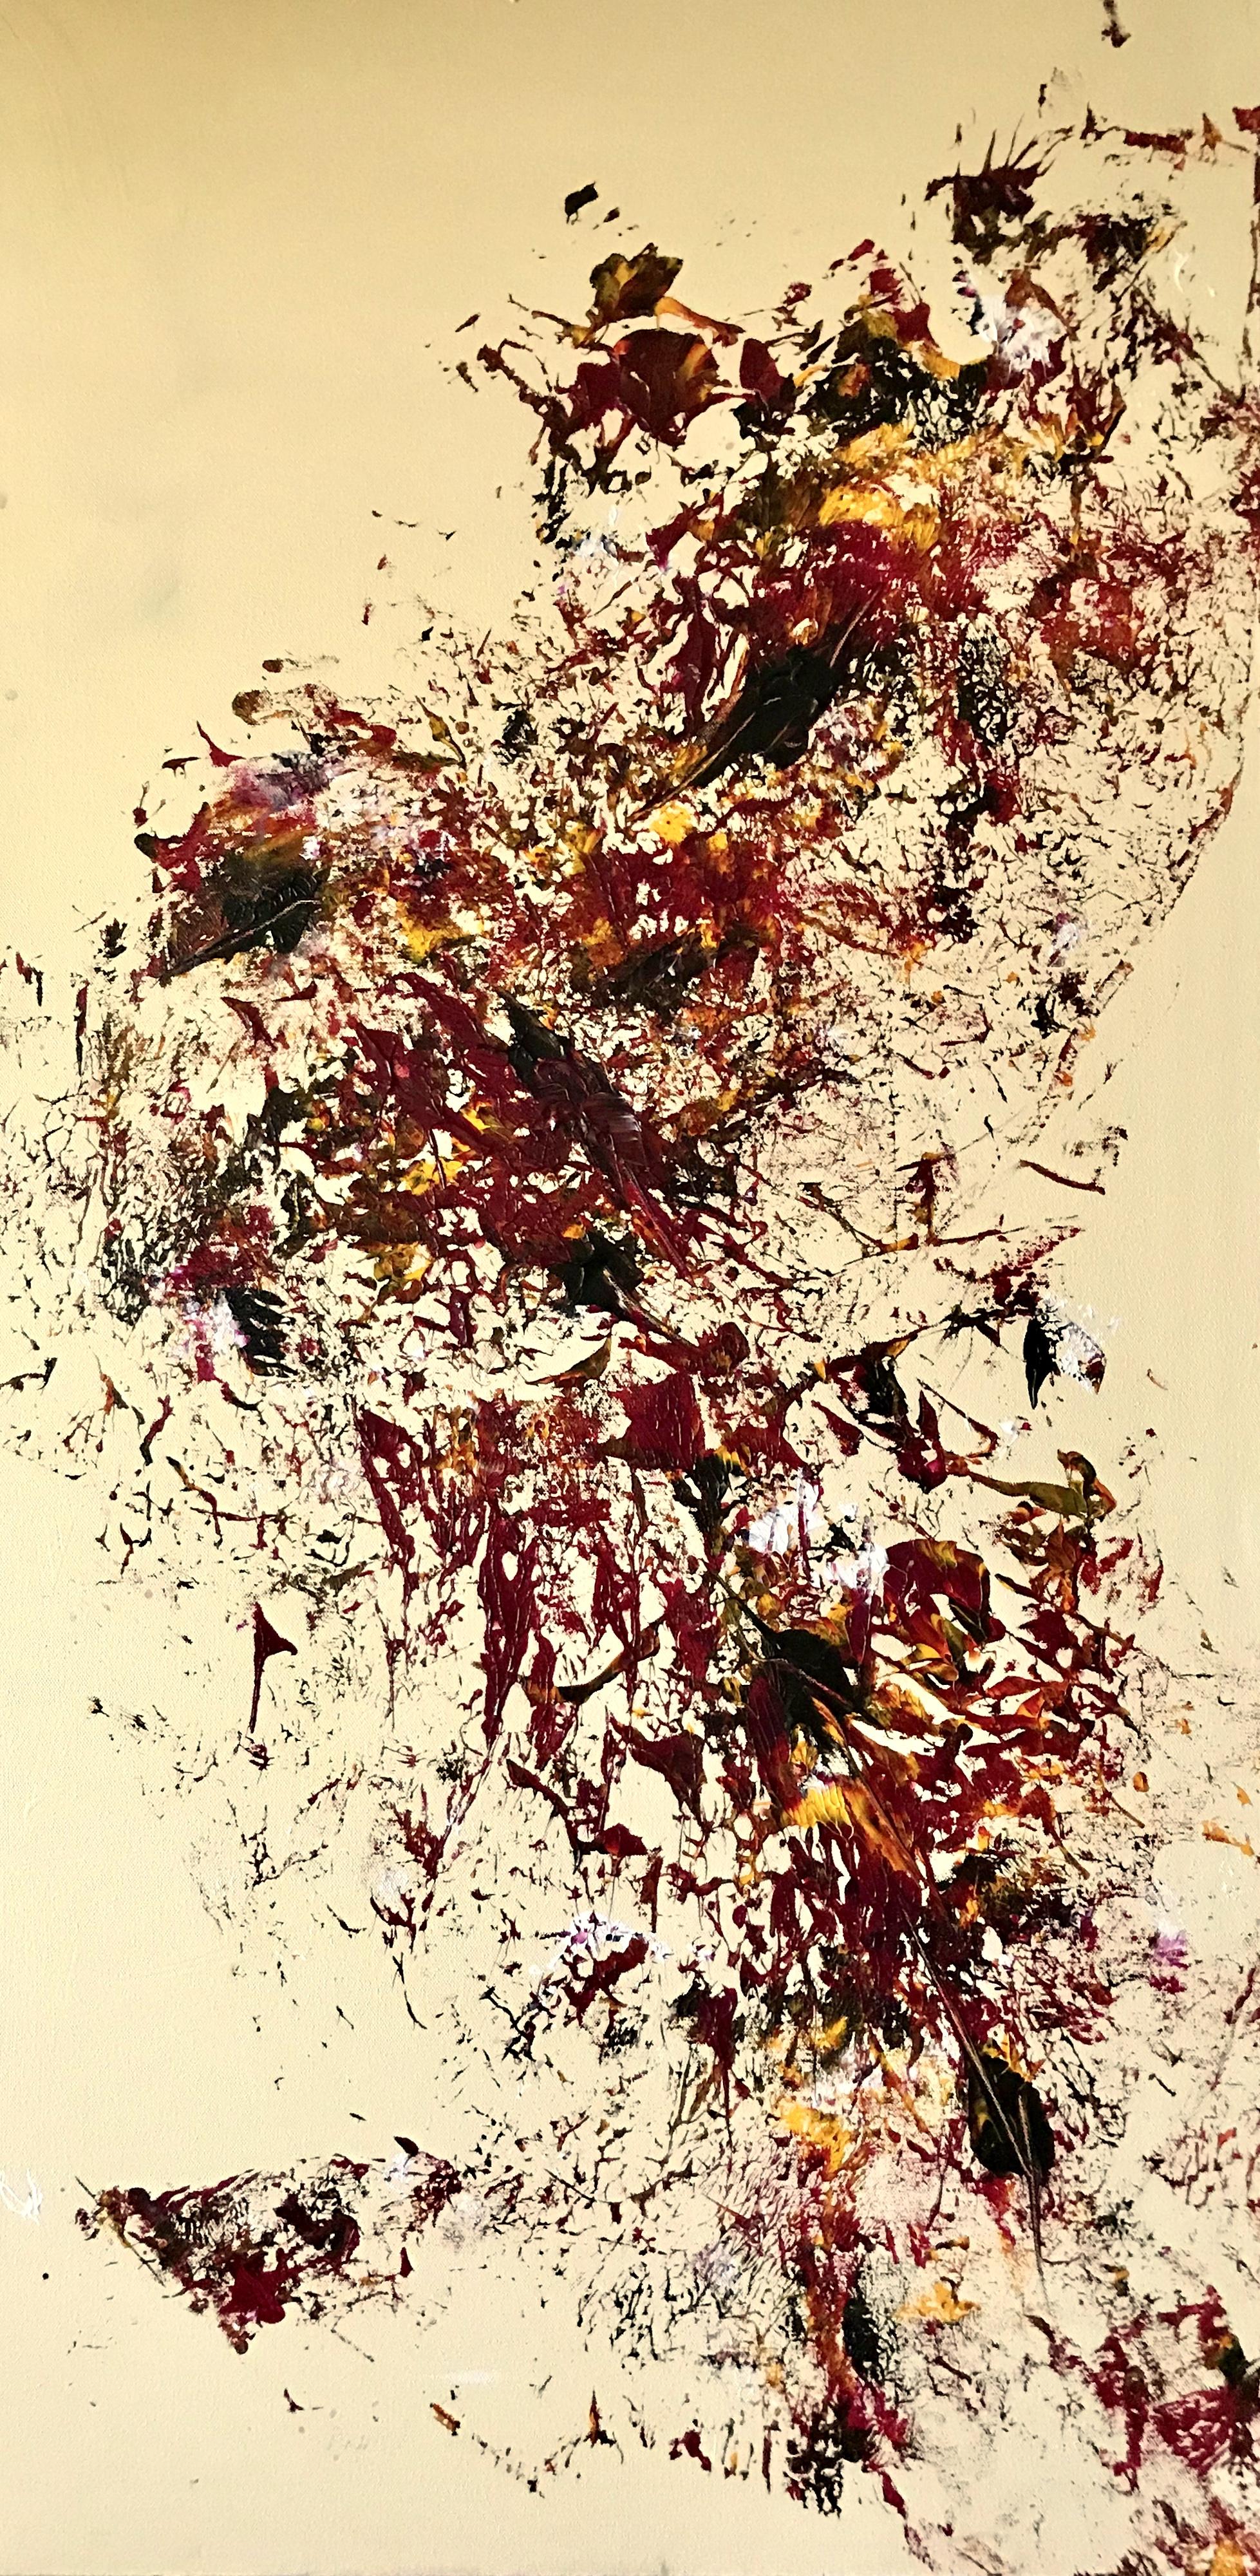 Sheila Cahill - _Flight Pattern_ - 50 x 26 - Acrylic on Canvas - 2018 - $1200 .jpg